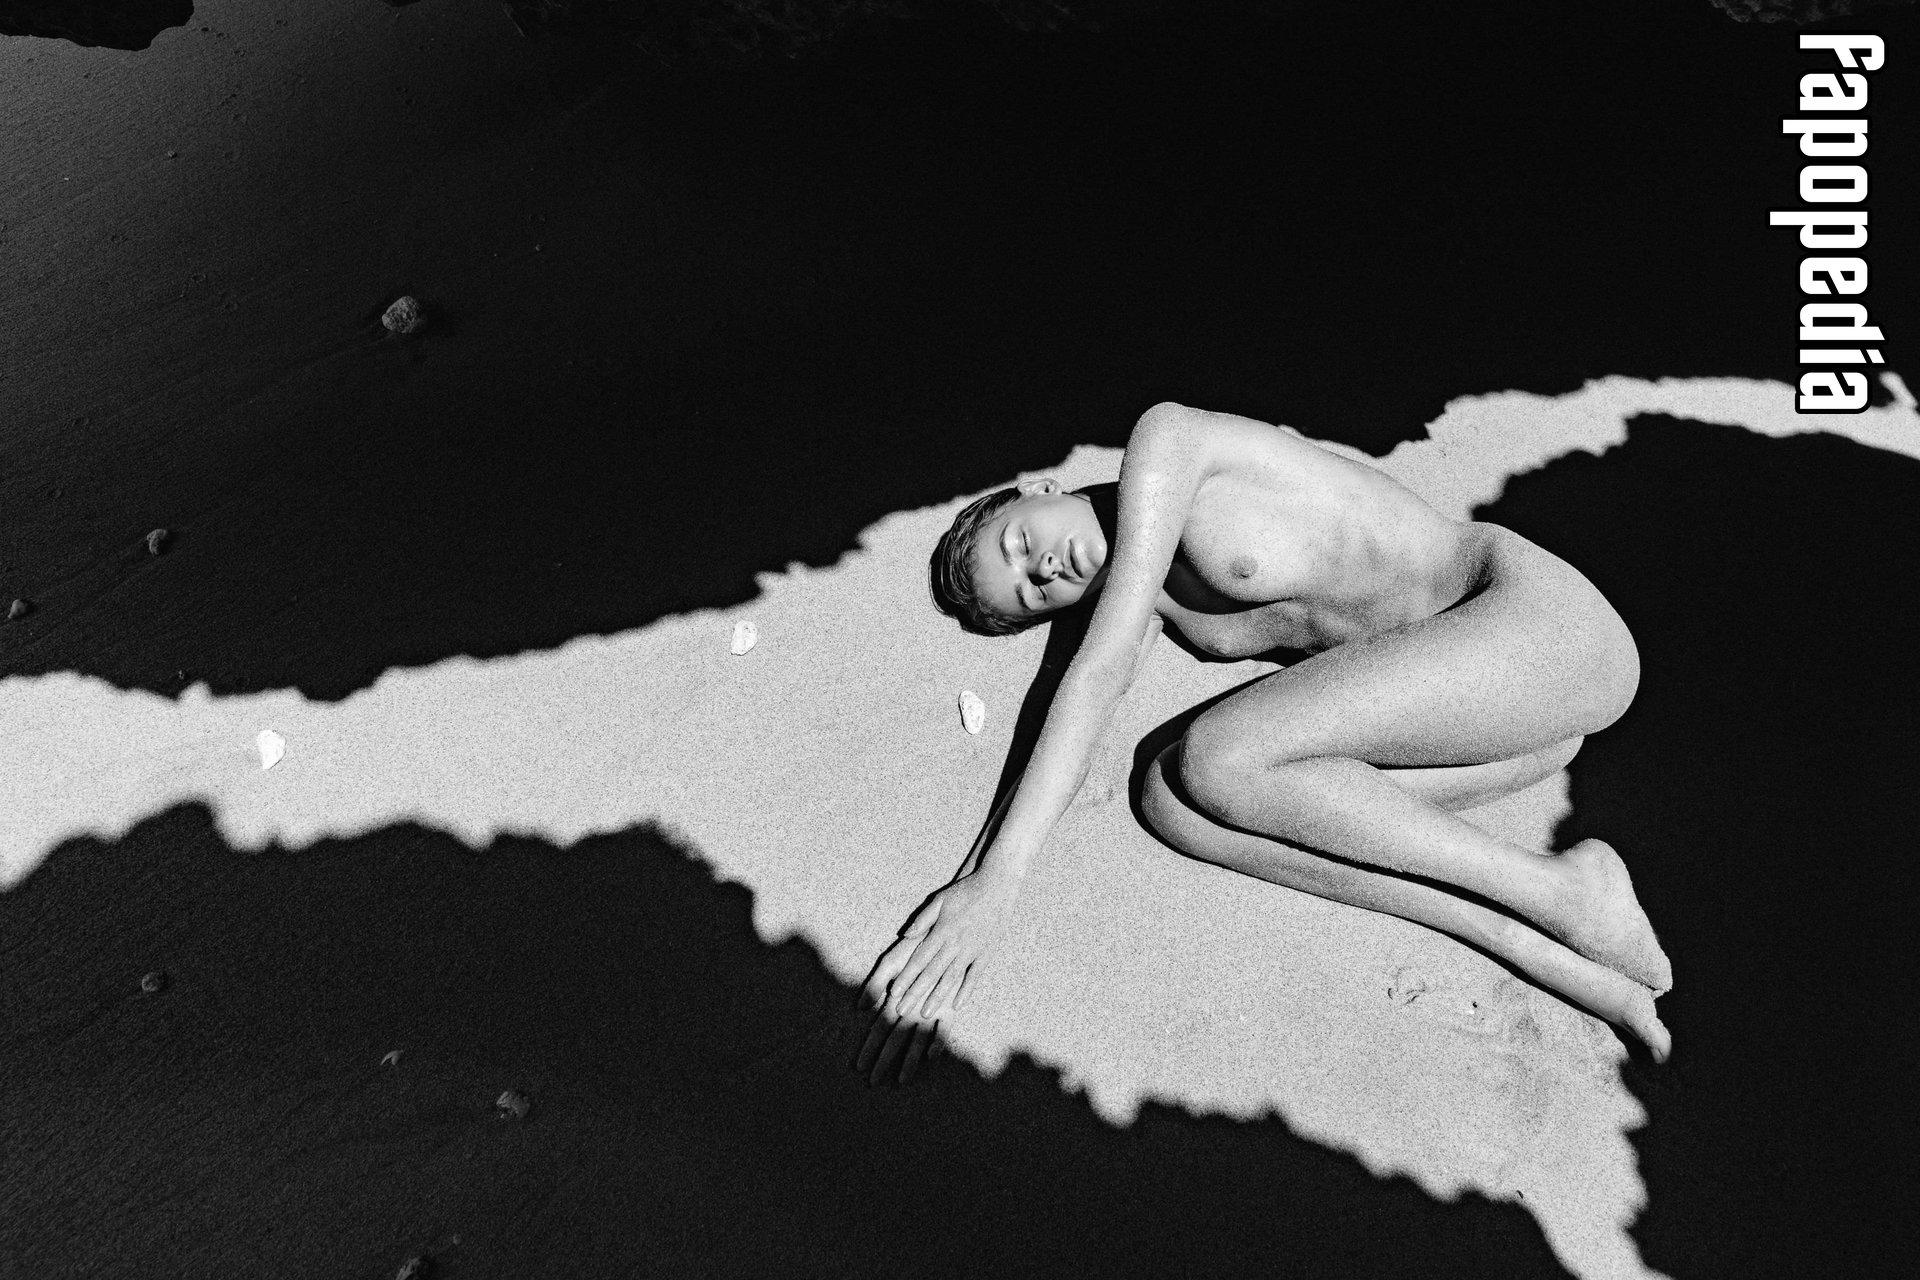 Yana Wex Nude Patreon Leaks